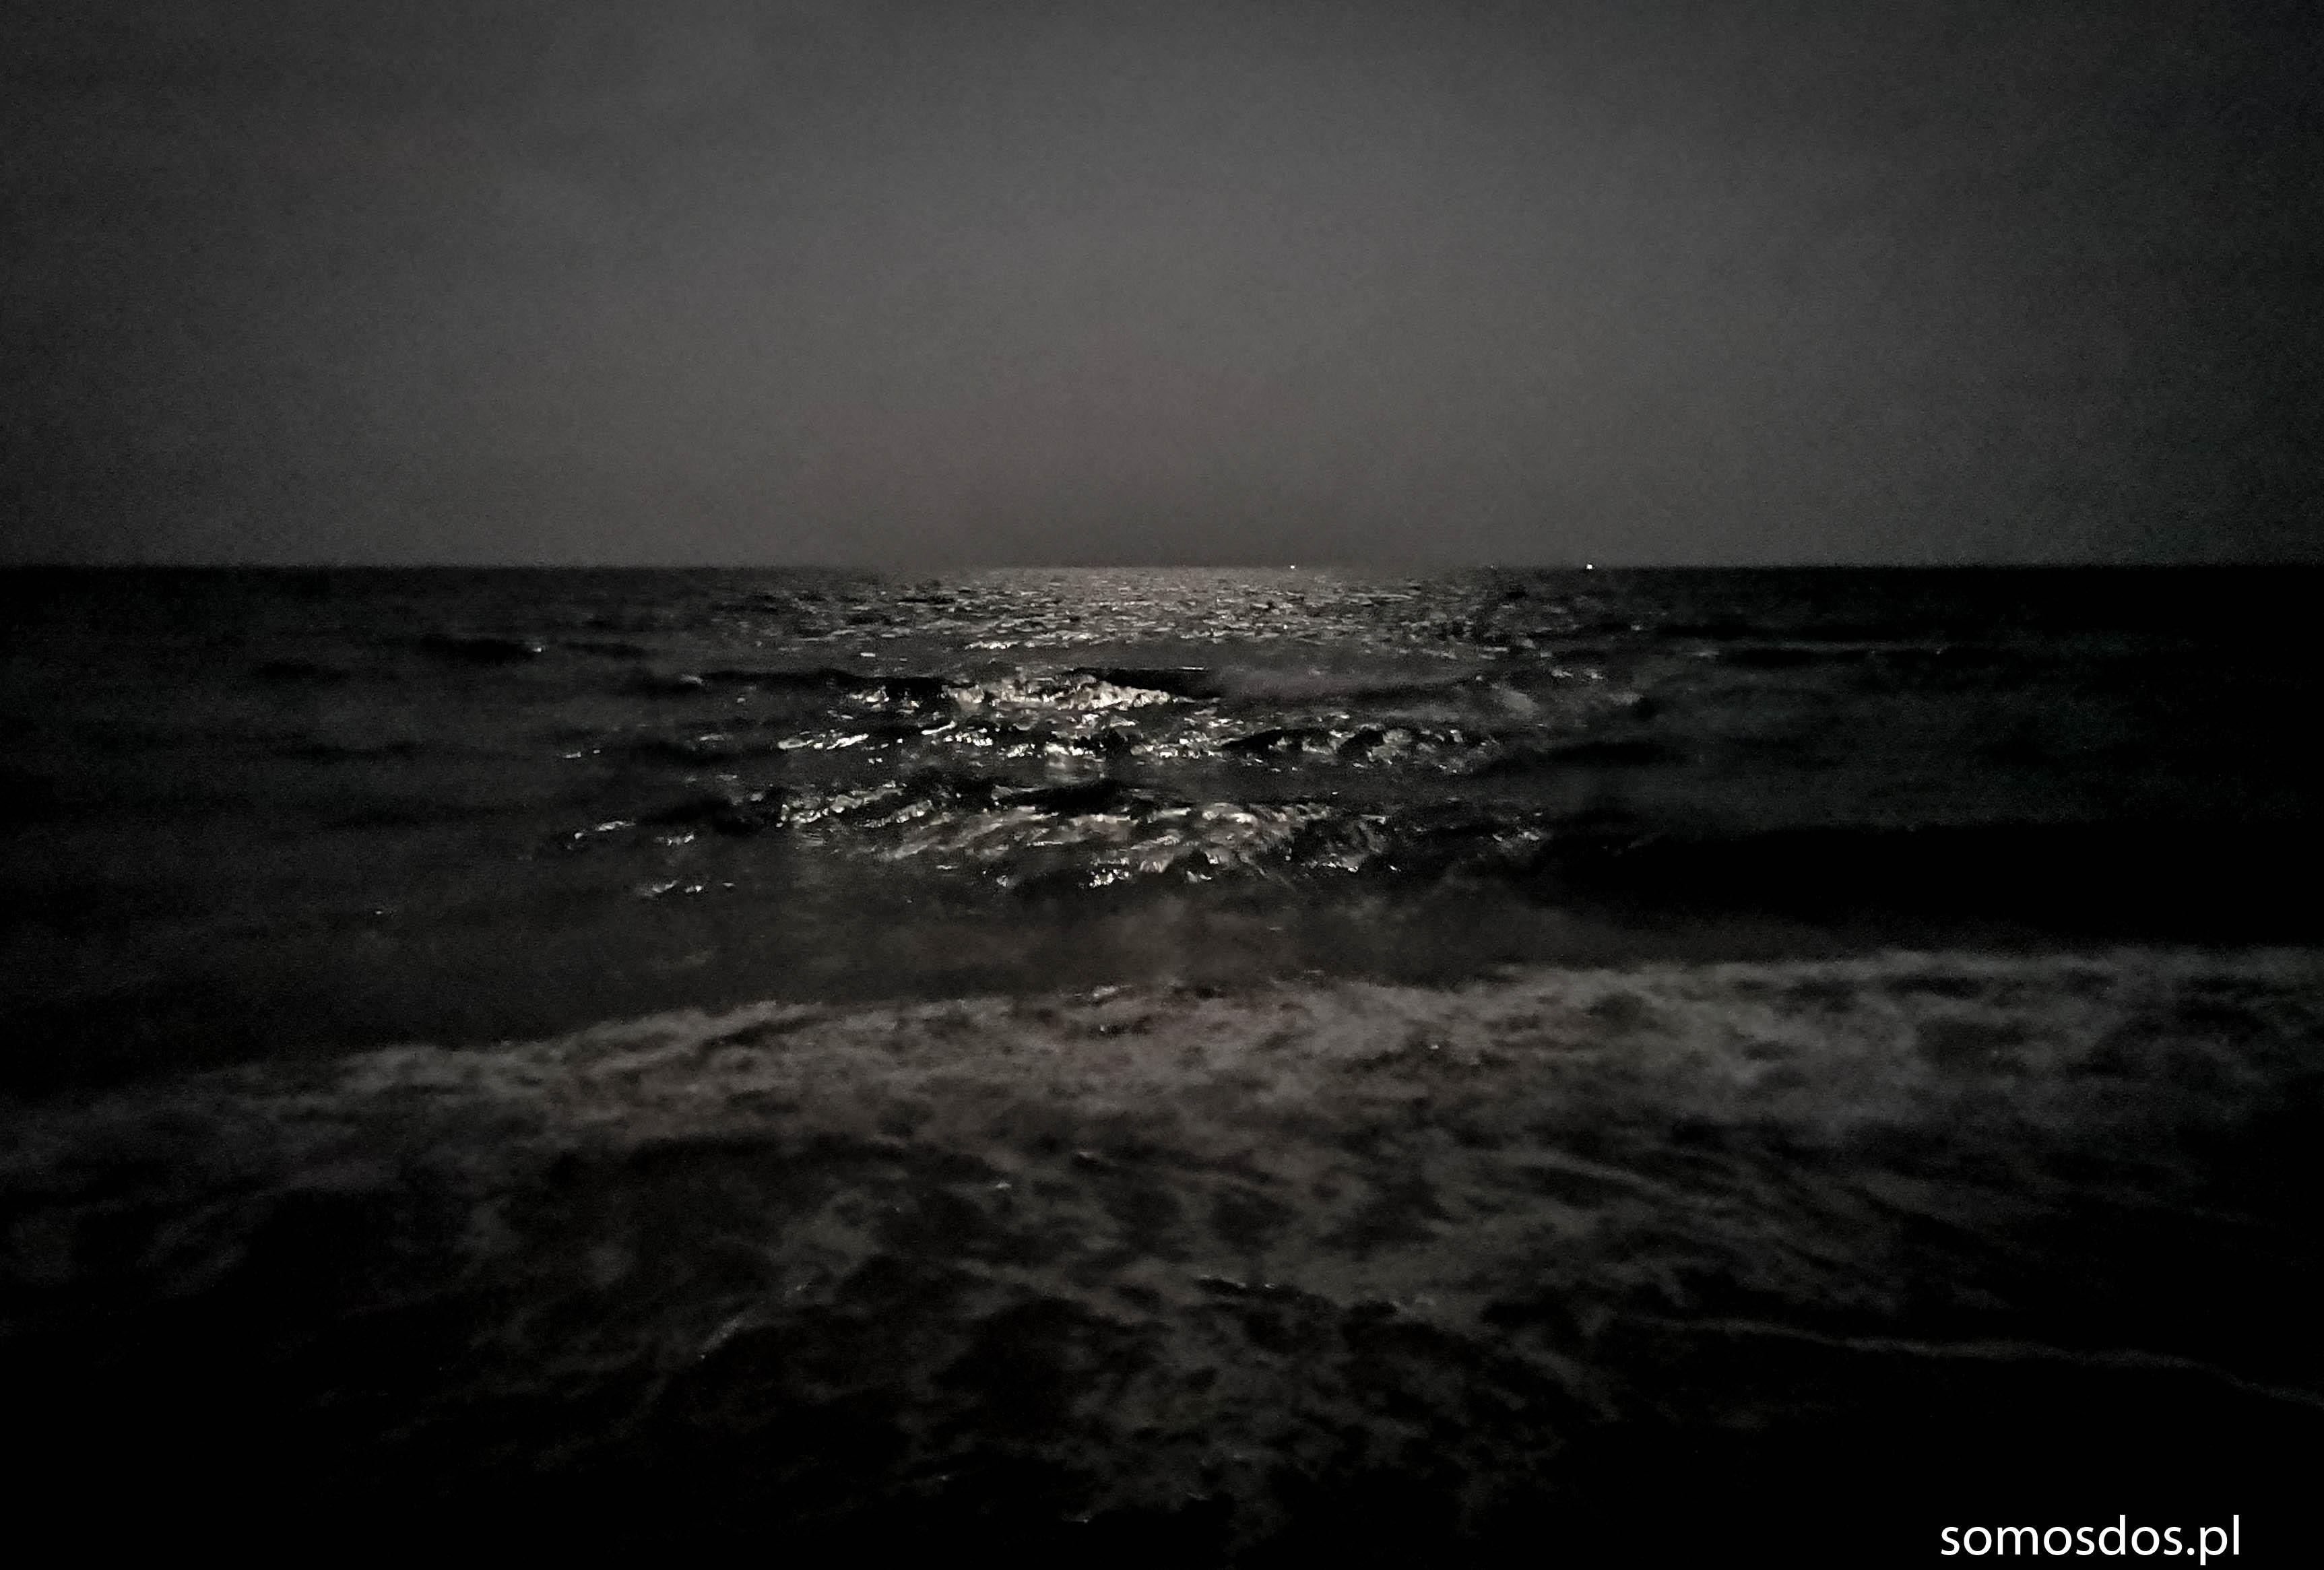 A Ama pogłaskała mnie jeszcze po głowie, uśmiechnęła się wszystkimi zmarszczkami surowej twarzy i zniknęła cicho, tak jak się pojawiła, zostawiając mnie znów sam na sam z szumem oceanu, śpiewem Gai i blaskiem gwiazd.